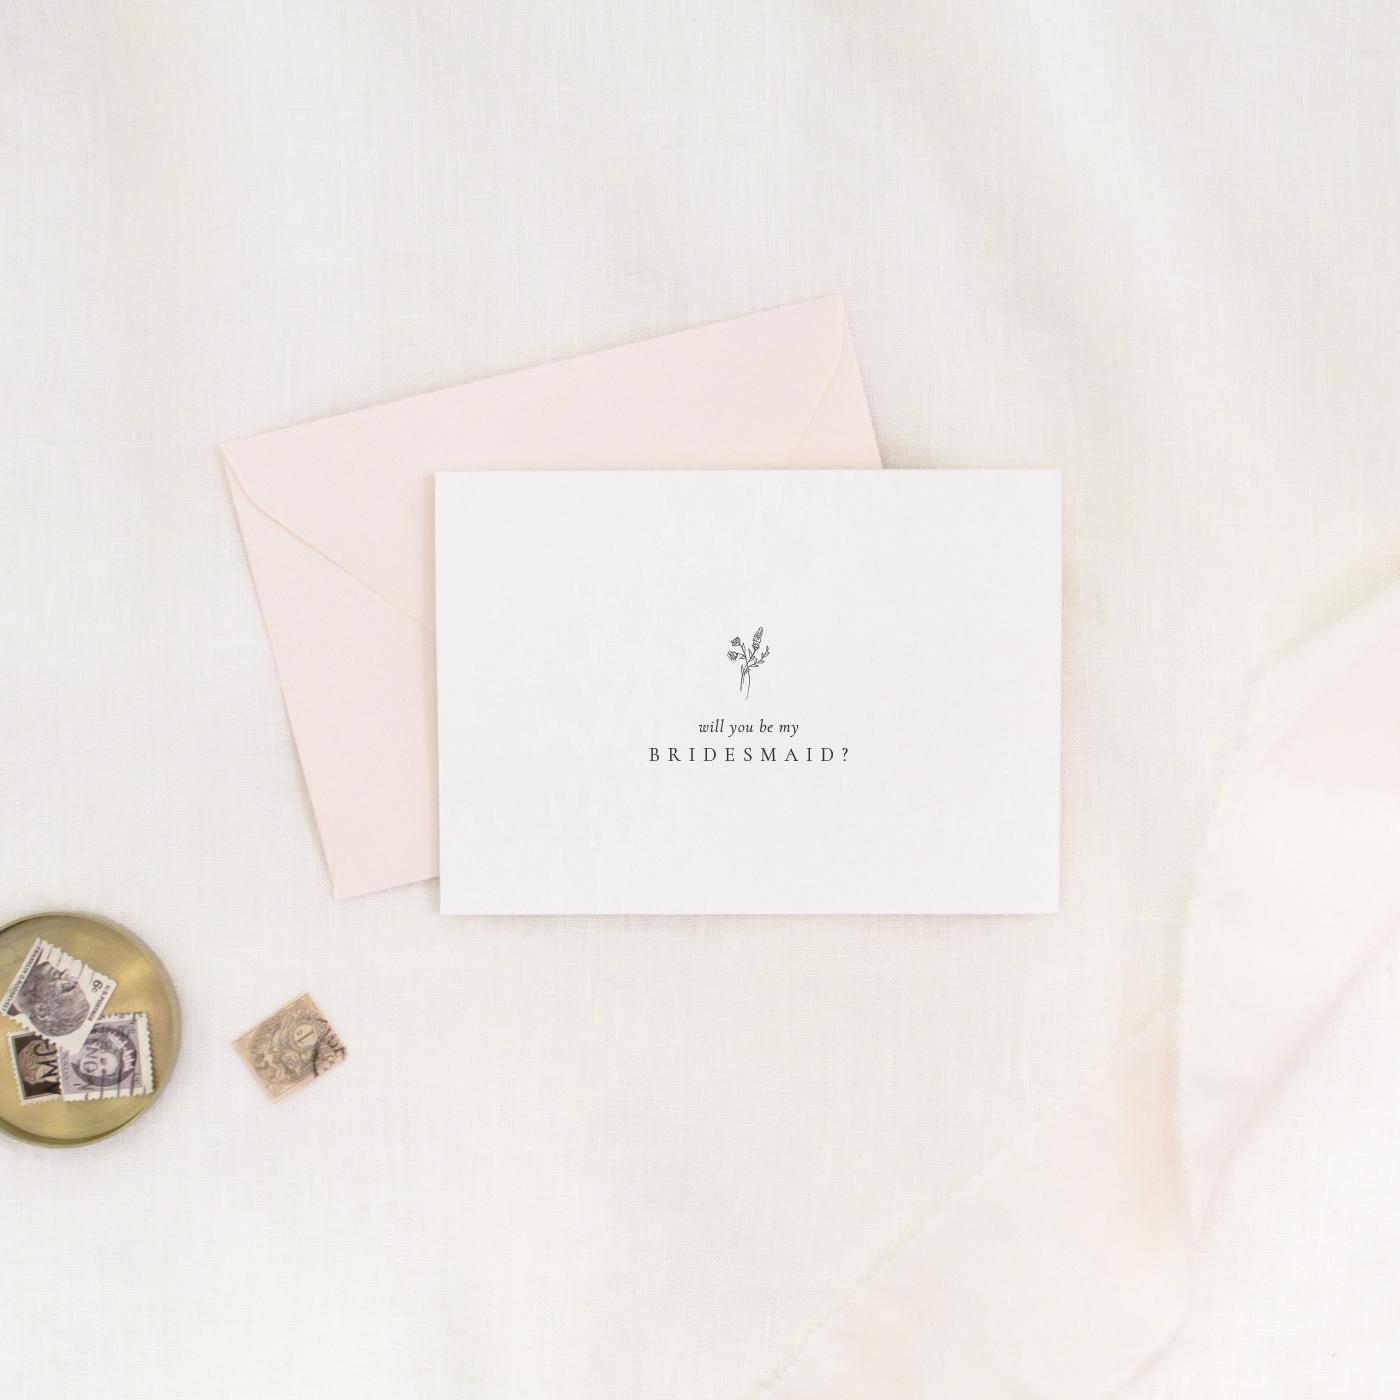 will-you-bridesmaid-card-bride.jpg